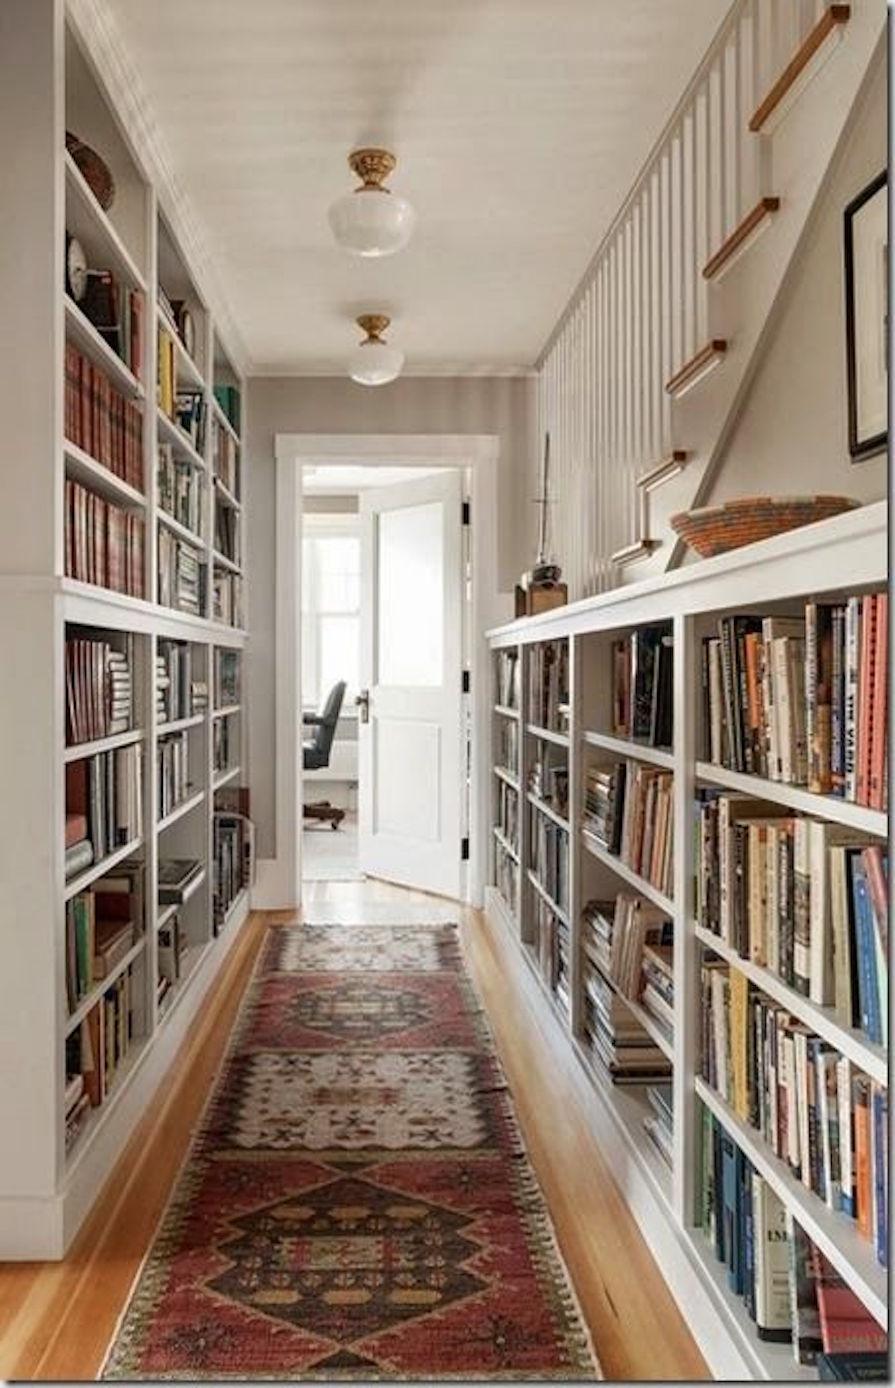 como-guardar-livros-estantes-decoracao-danielle-noce-0